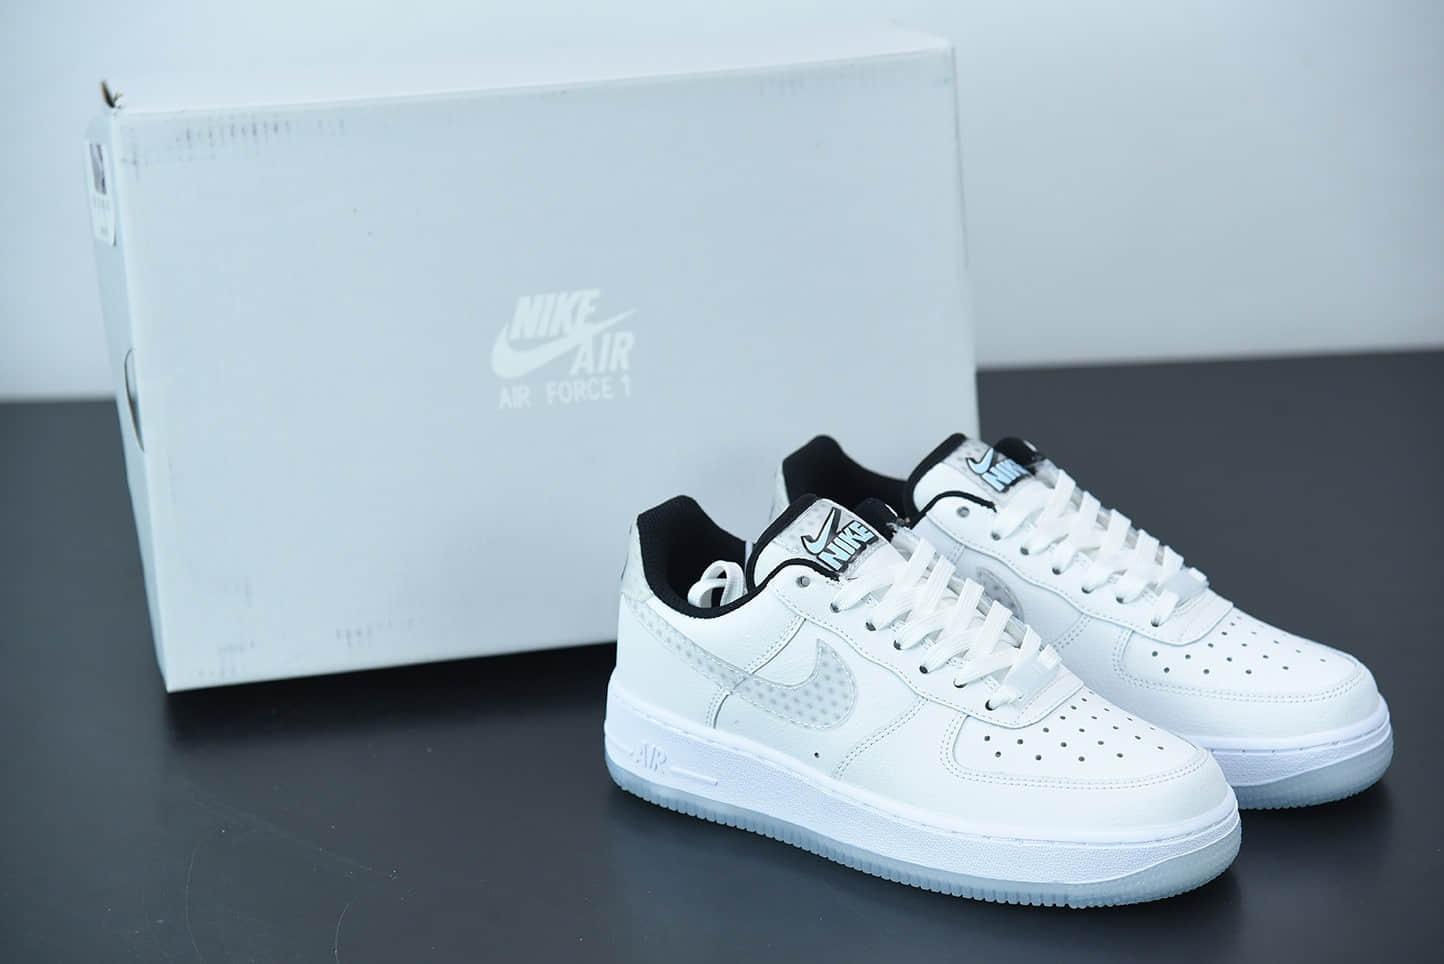 耐克Nike Air Force 1白灰裸眼3D空军一号低帮休闲运动板鞋纯原版本 货号:CW5909-100